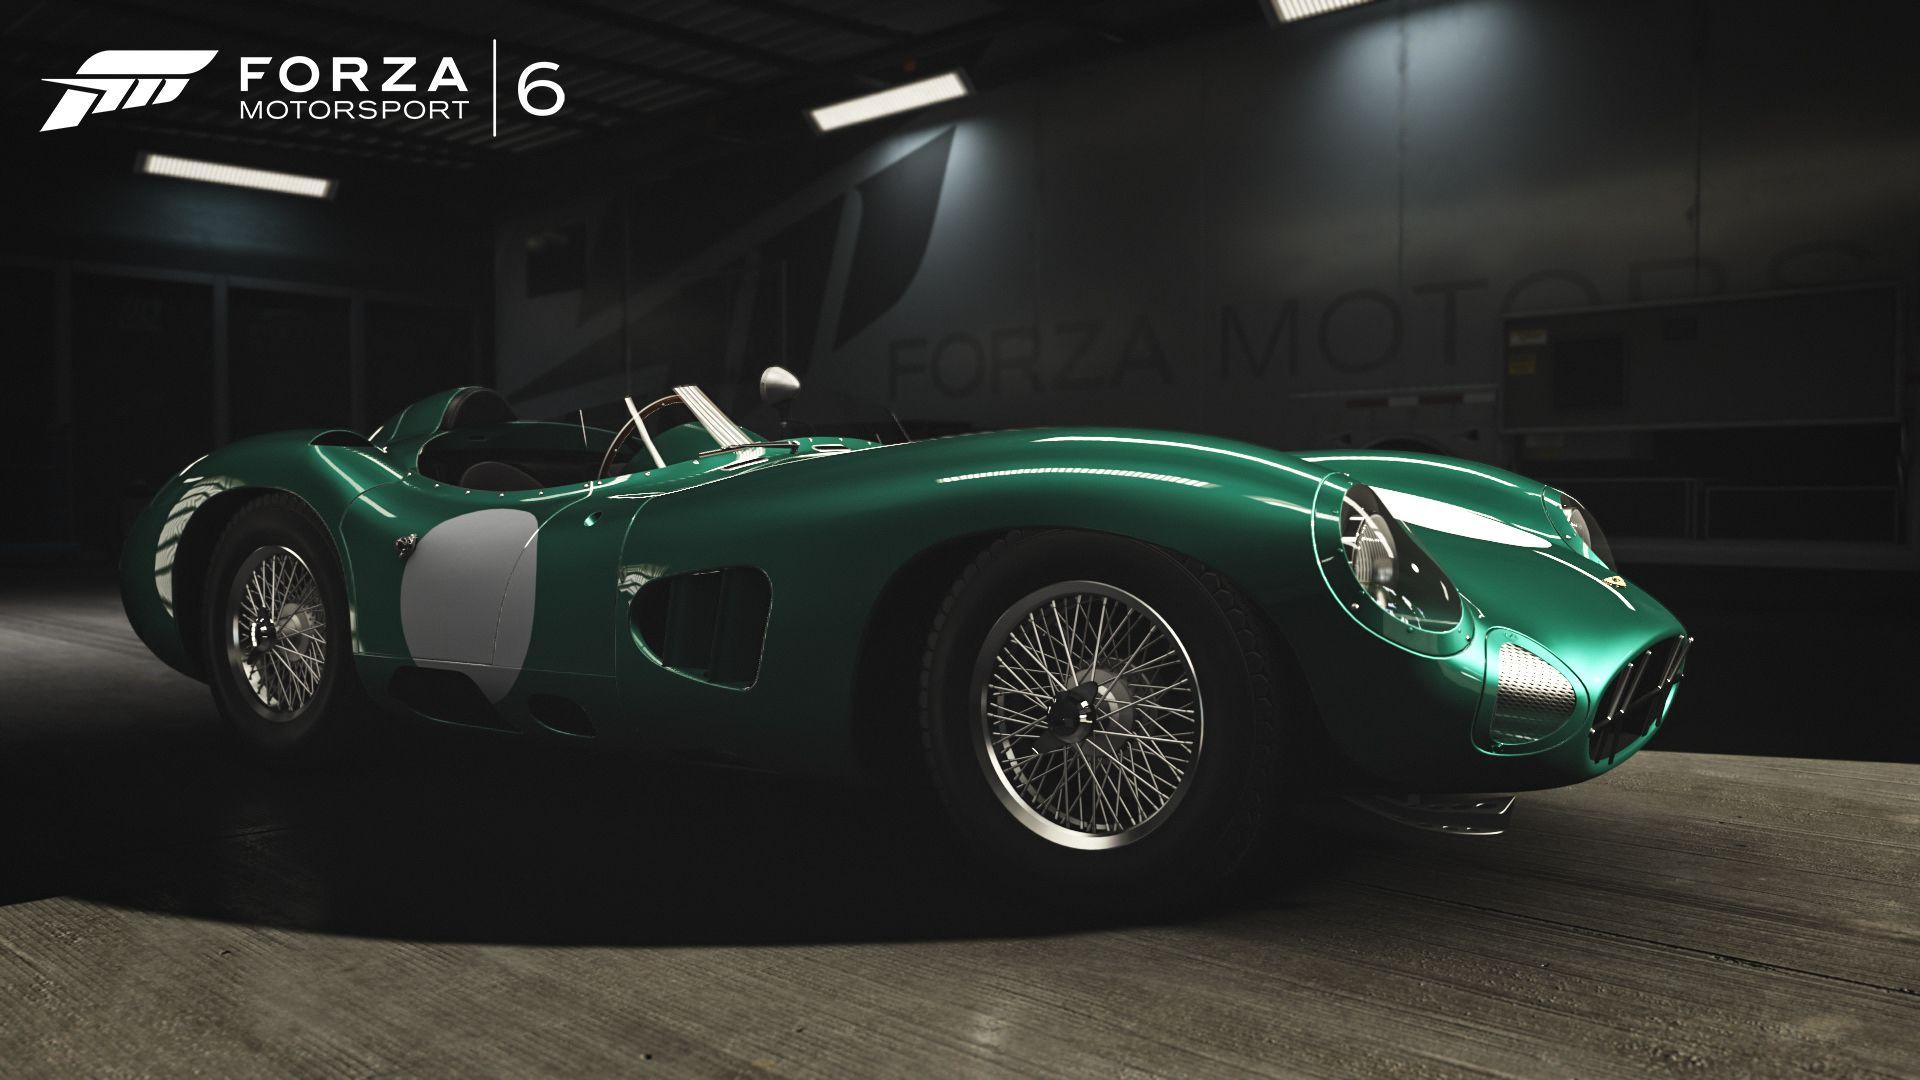 Detaily o tratích a autech ve Forza Motorsport 6 110357